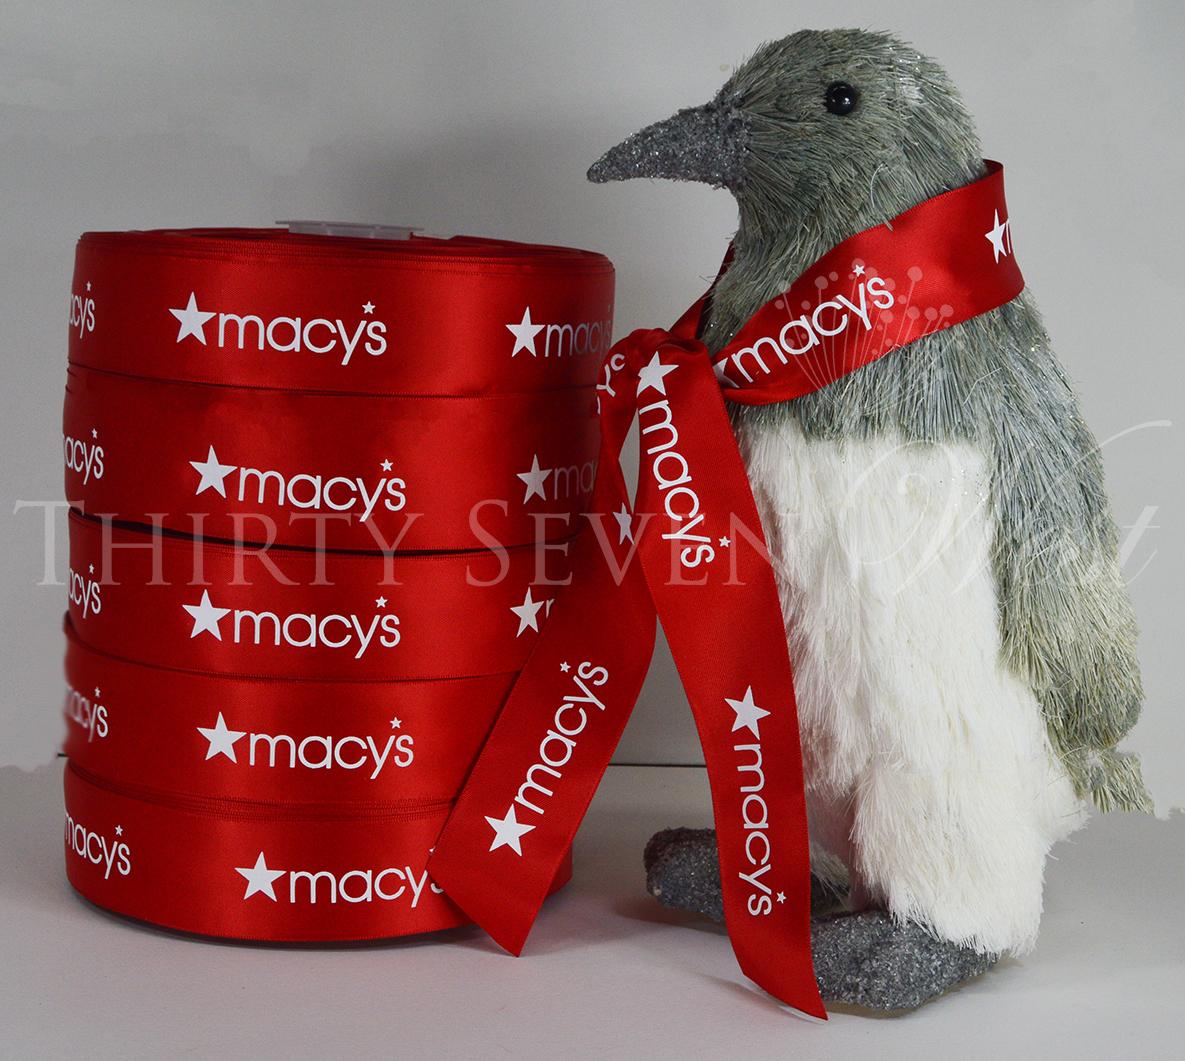 Macys Ribbon, Pantone Matched Ribbon, Corporate Ribbon, Custom Pantone Ribbon